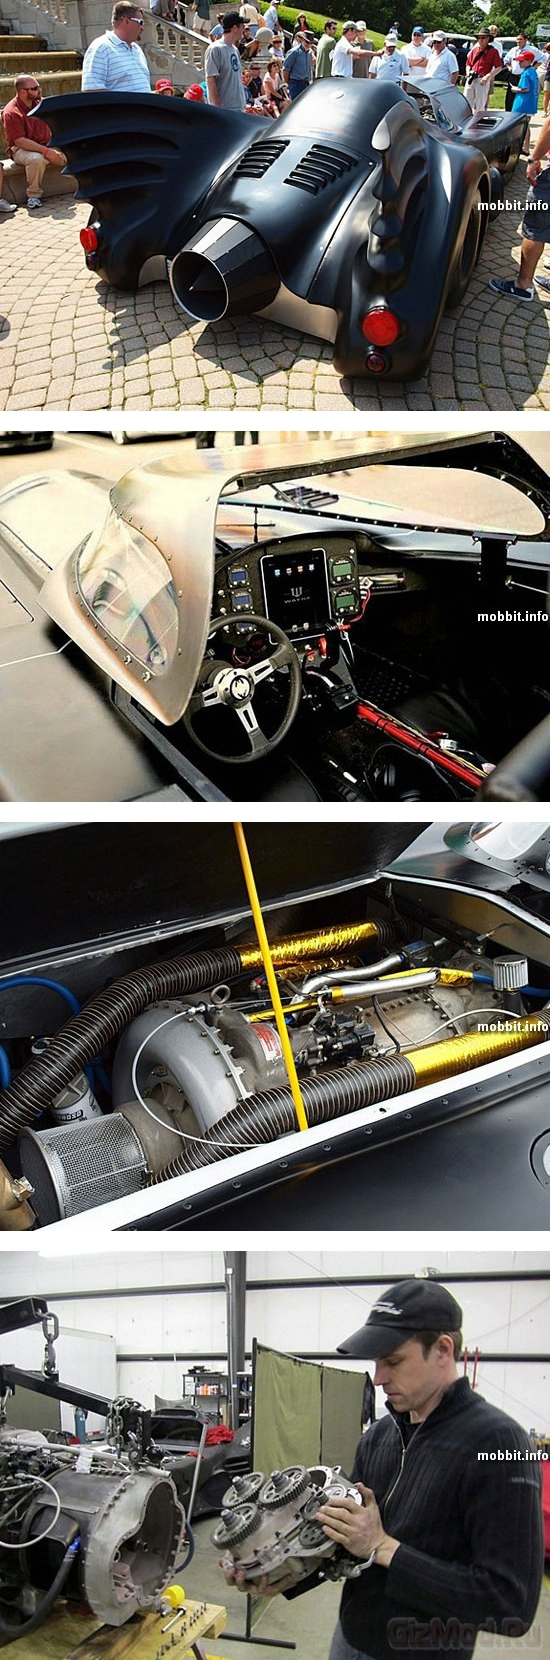 Бэтмобиль - с турбинным двигателем от вертолета